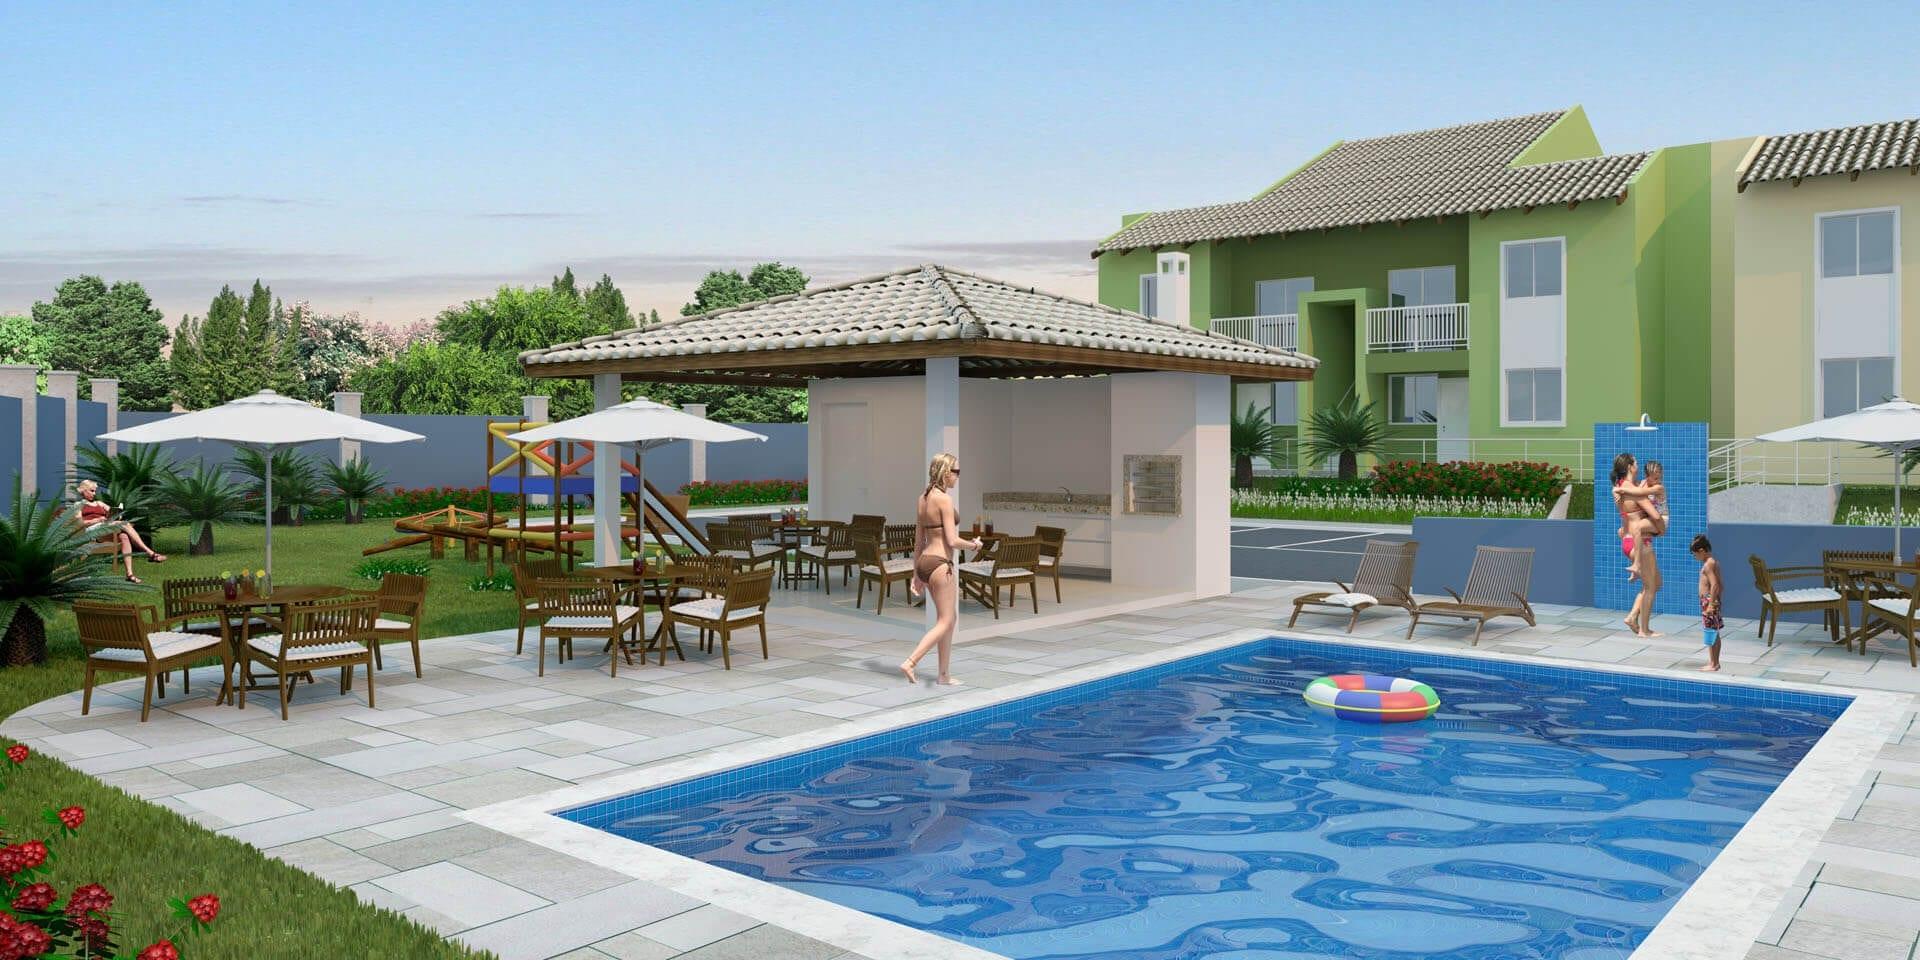 vic-villa-bella-monaco-piscina